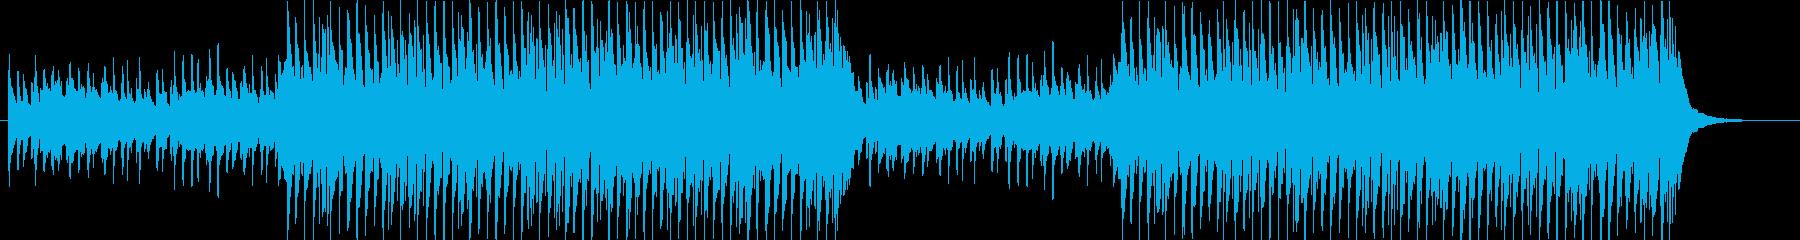 【生演奏】軽快で楽しいかわいいウクレレの再生済みの波形